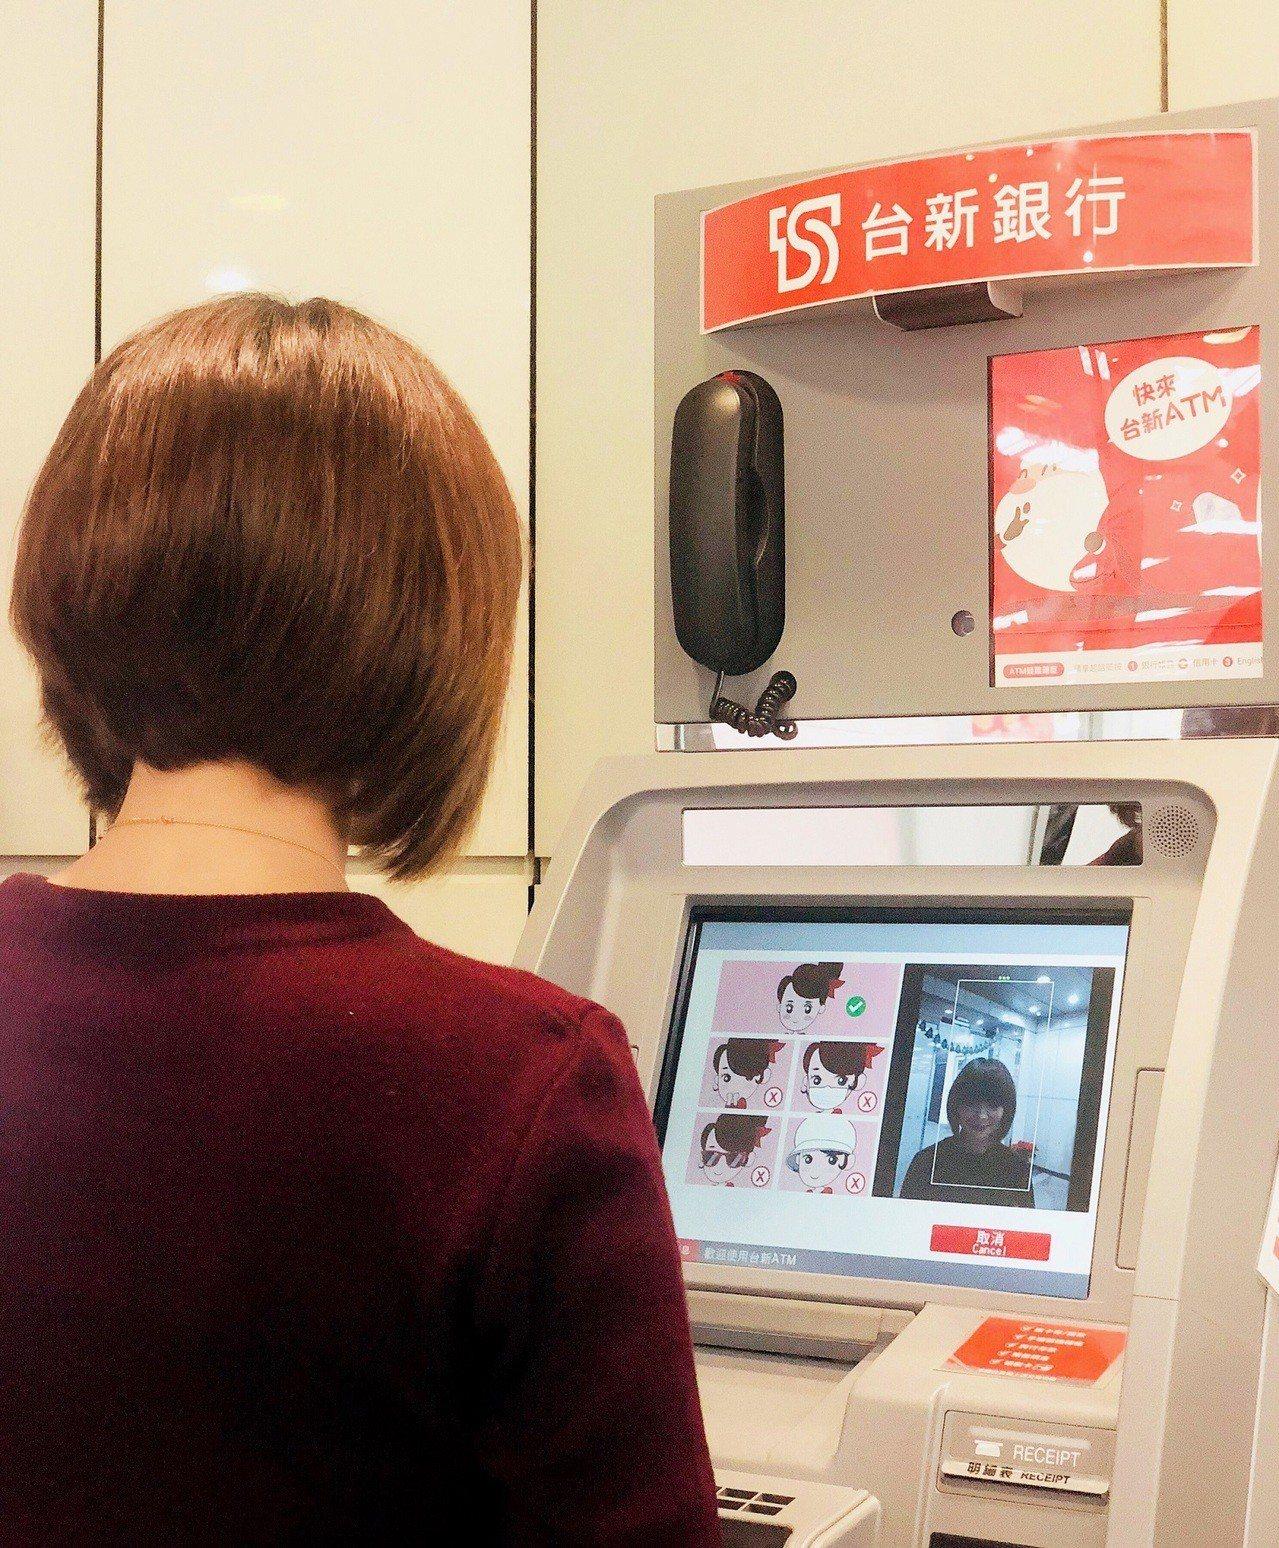 台新銀行今天(6日)宣布,自12月中旬起,在台北內湖數位分行正式推出ATM「刷臉...